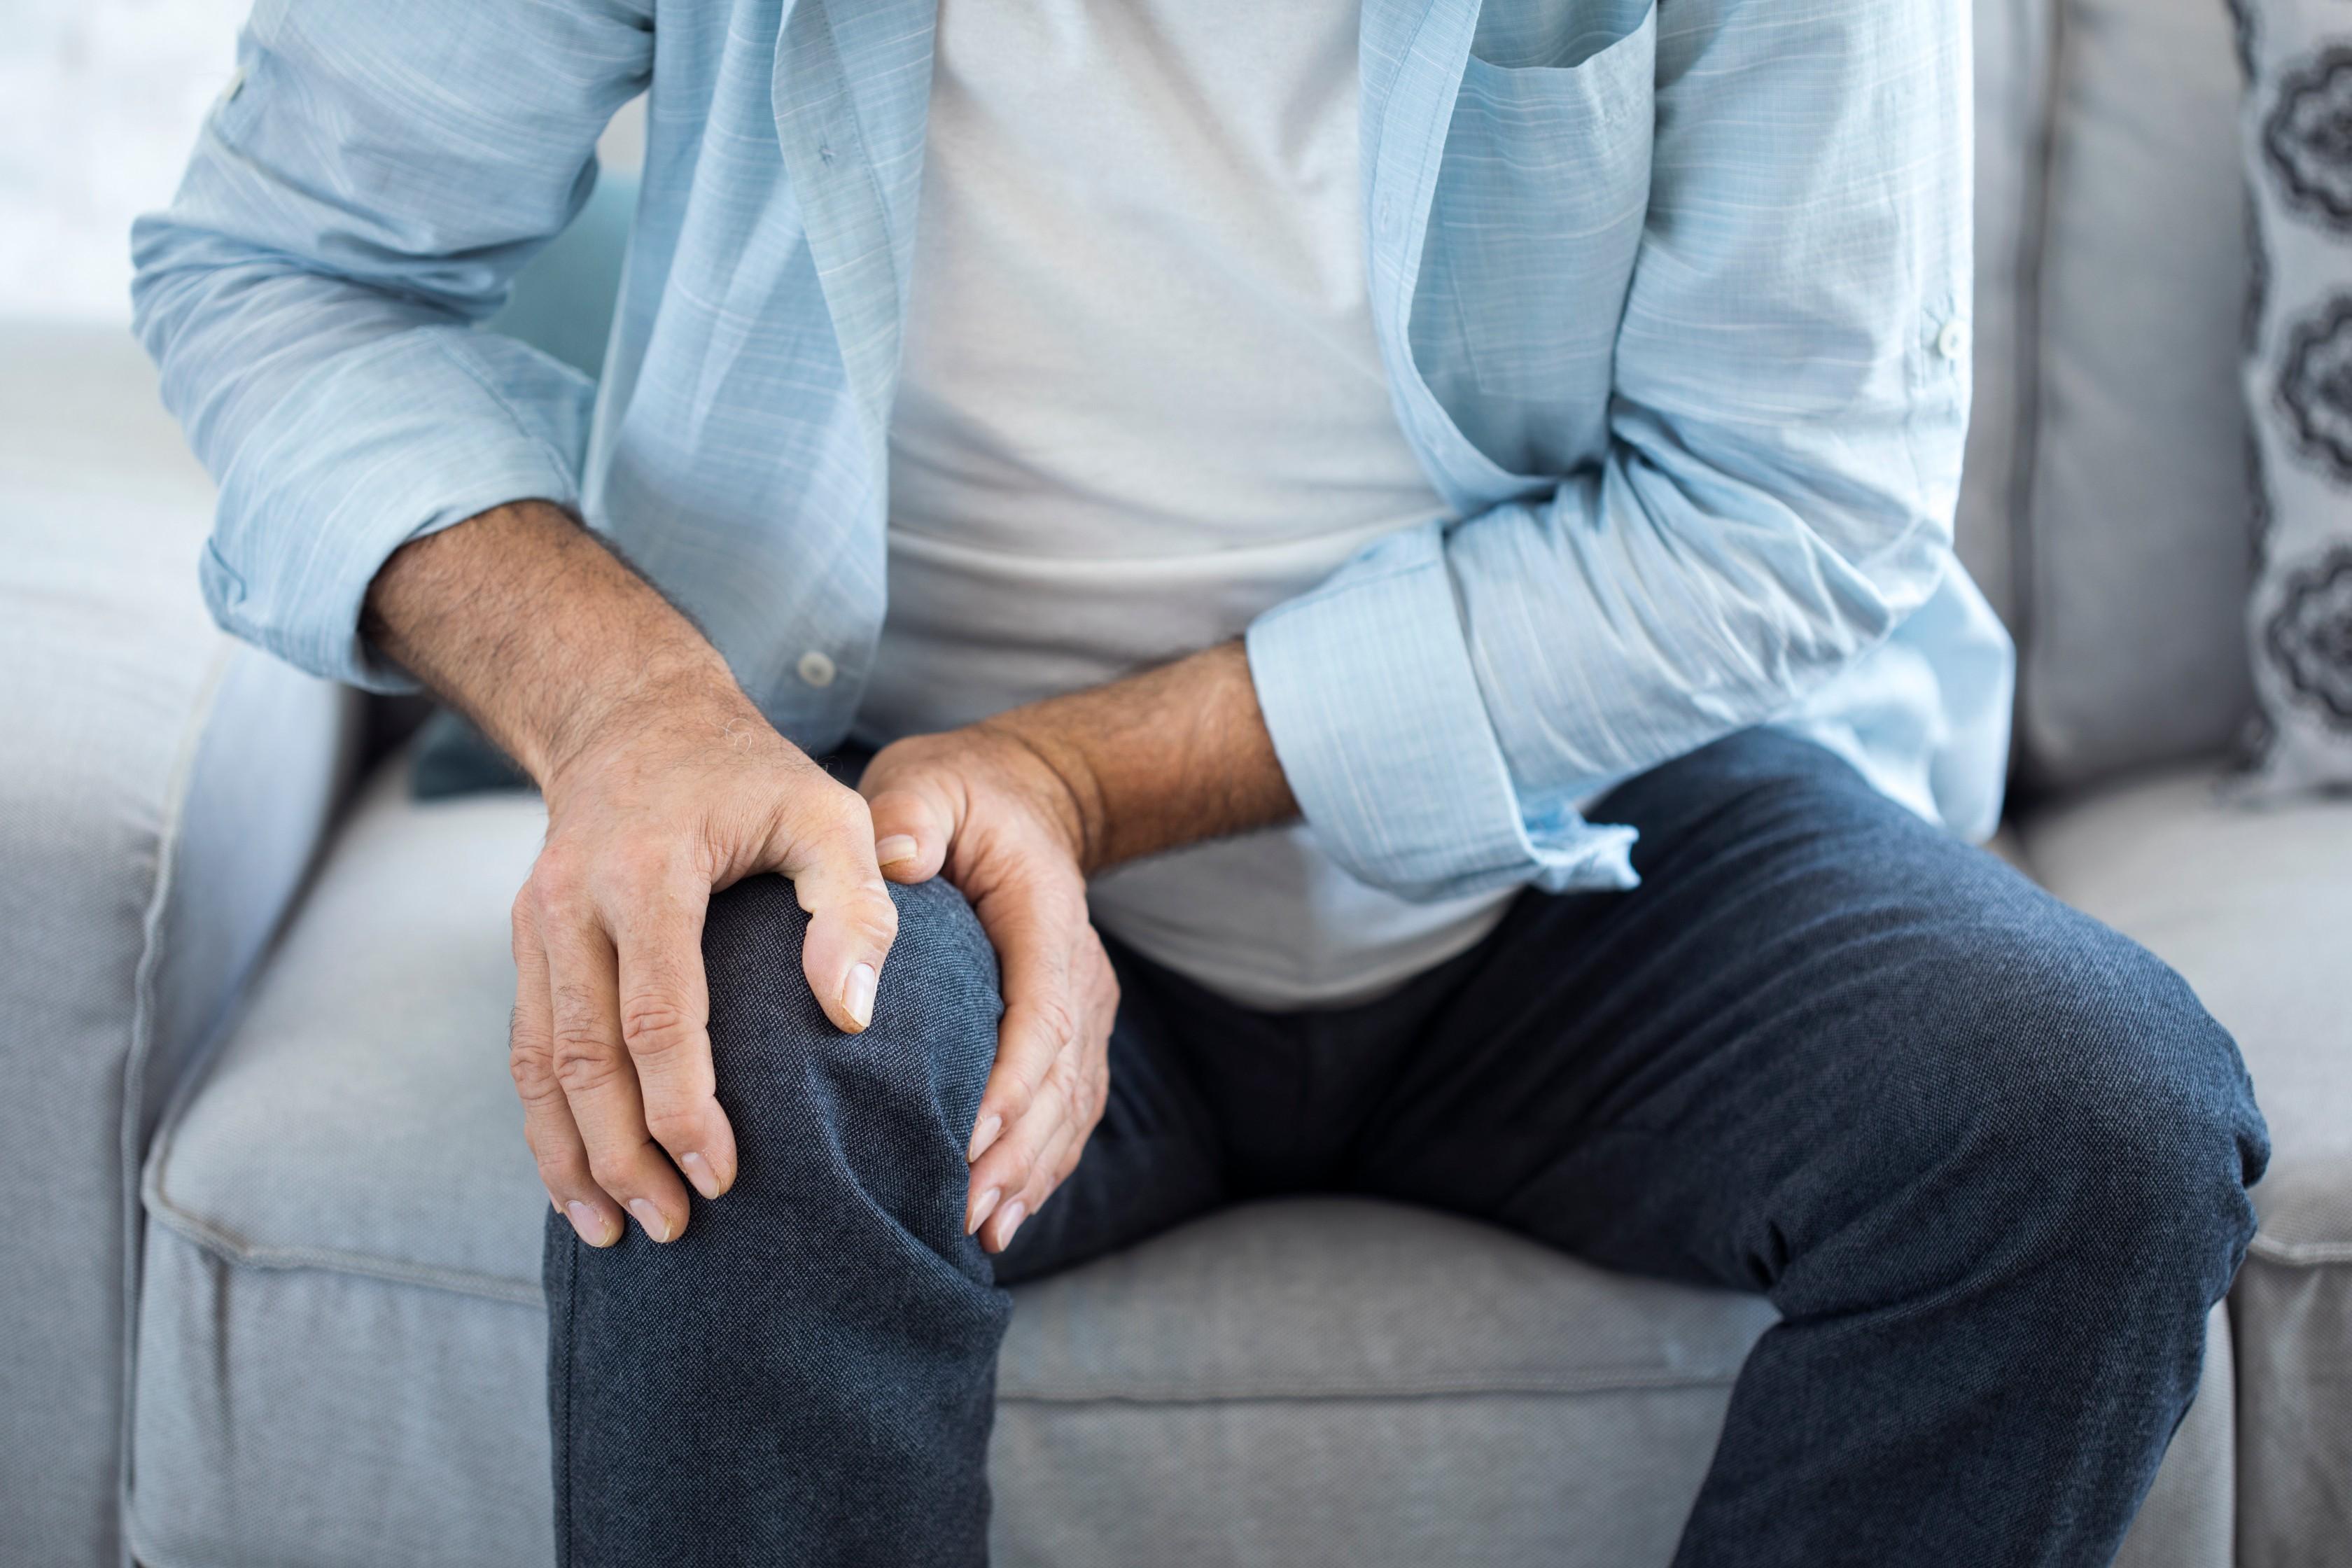 bőrpír és fájdalom az ujjak ízületeiben a lábak nagy ízületeinek betegségei